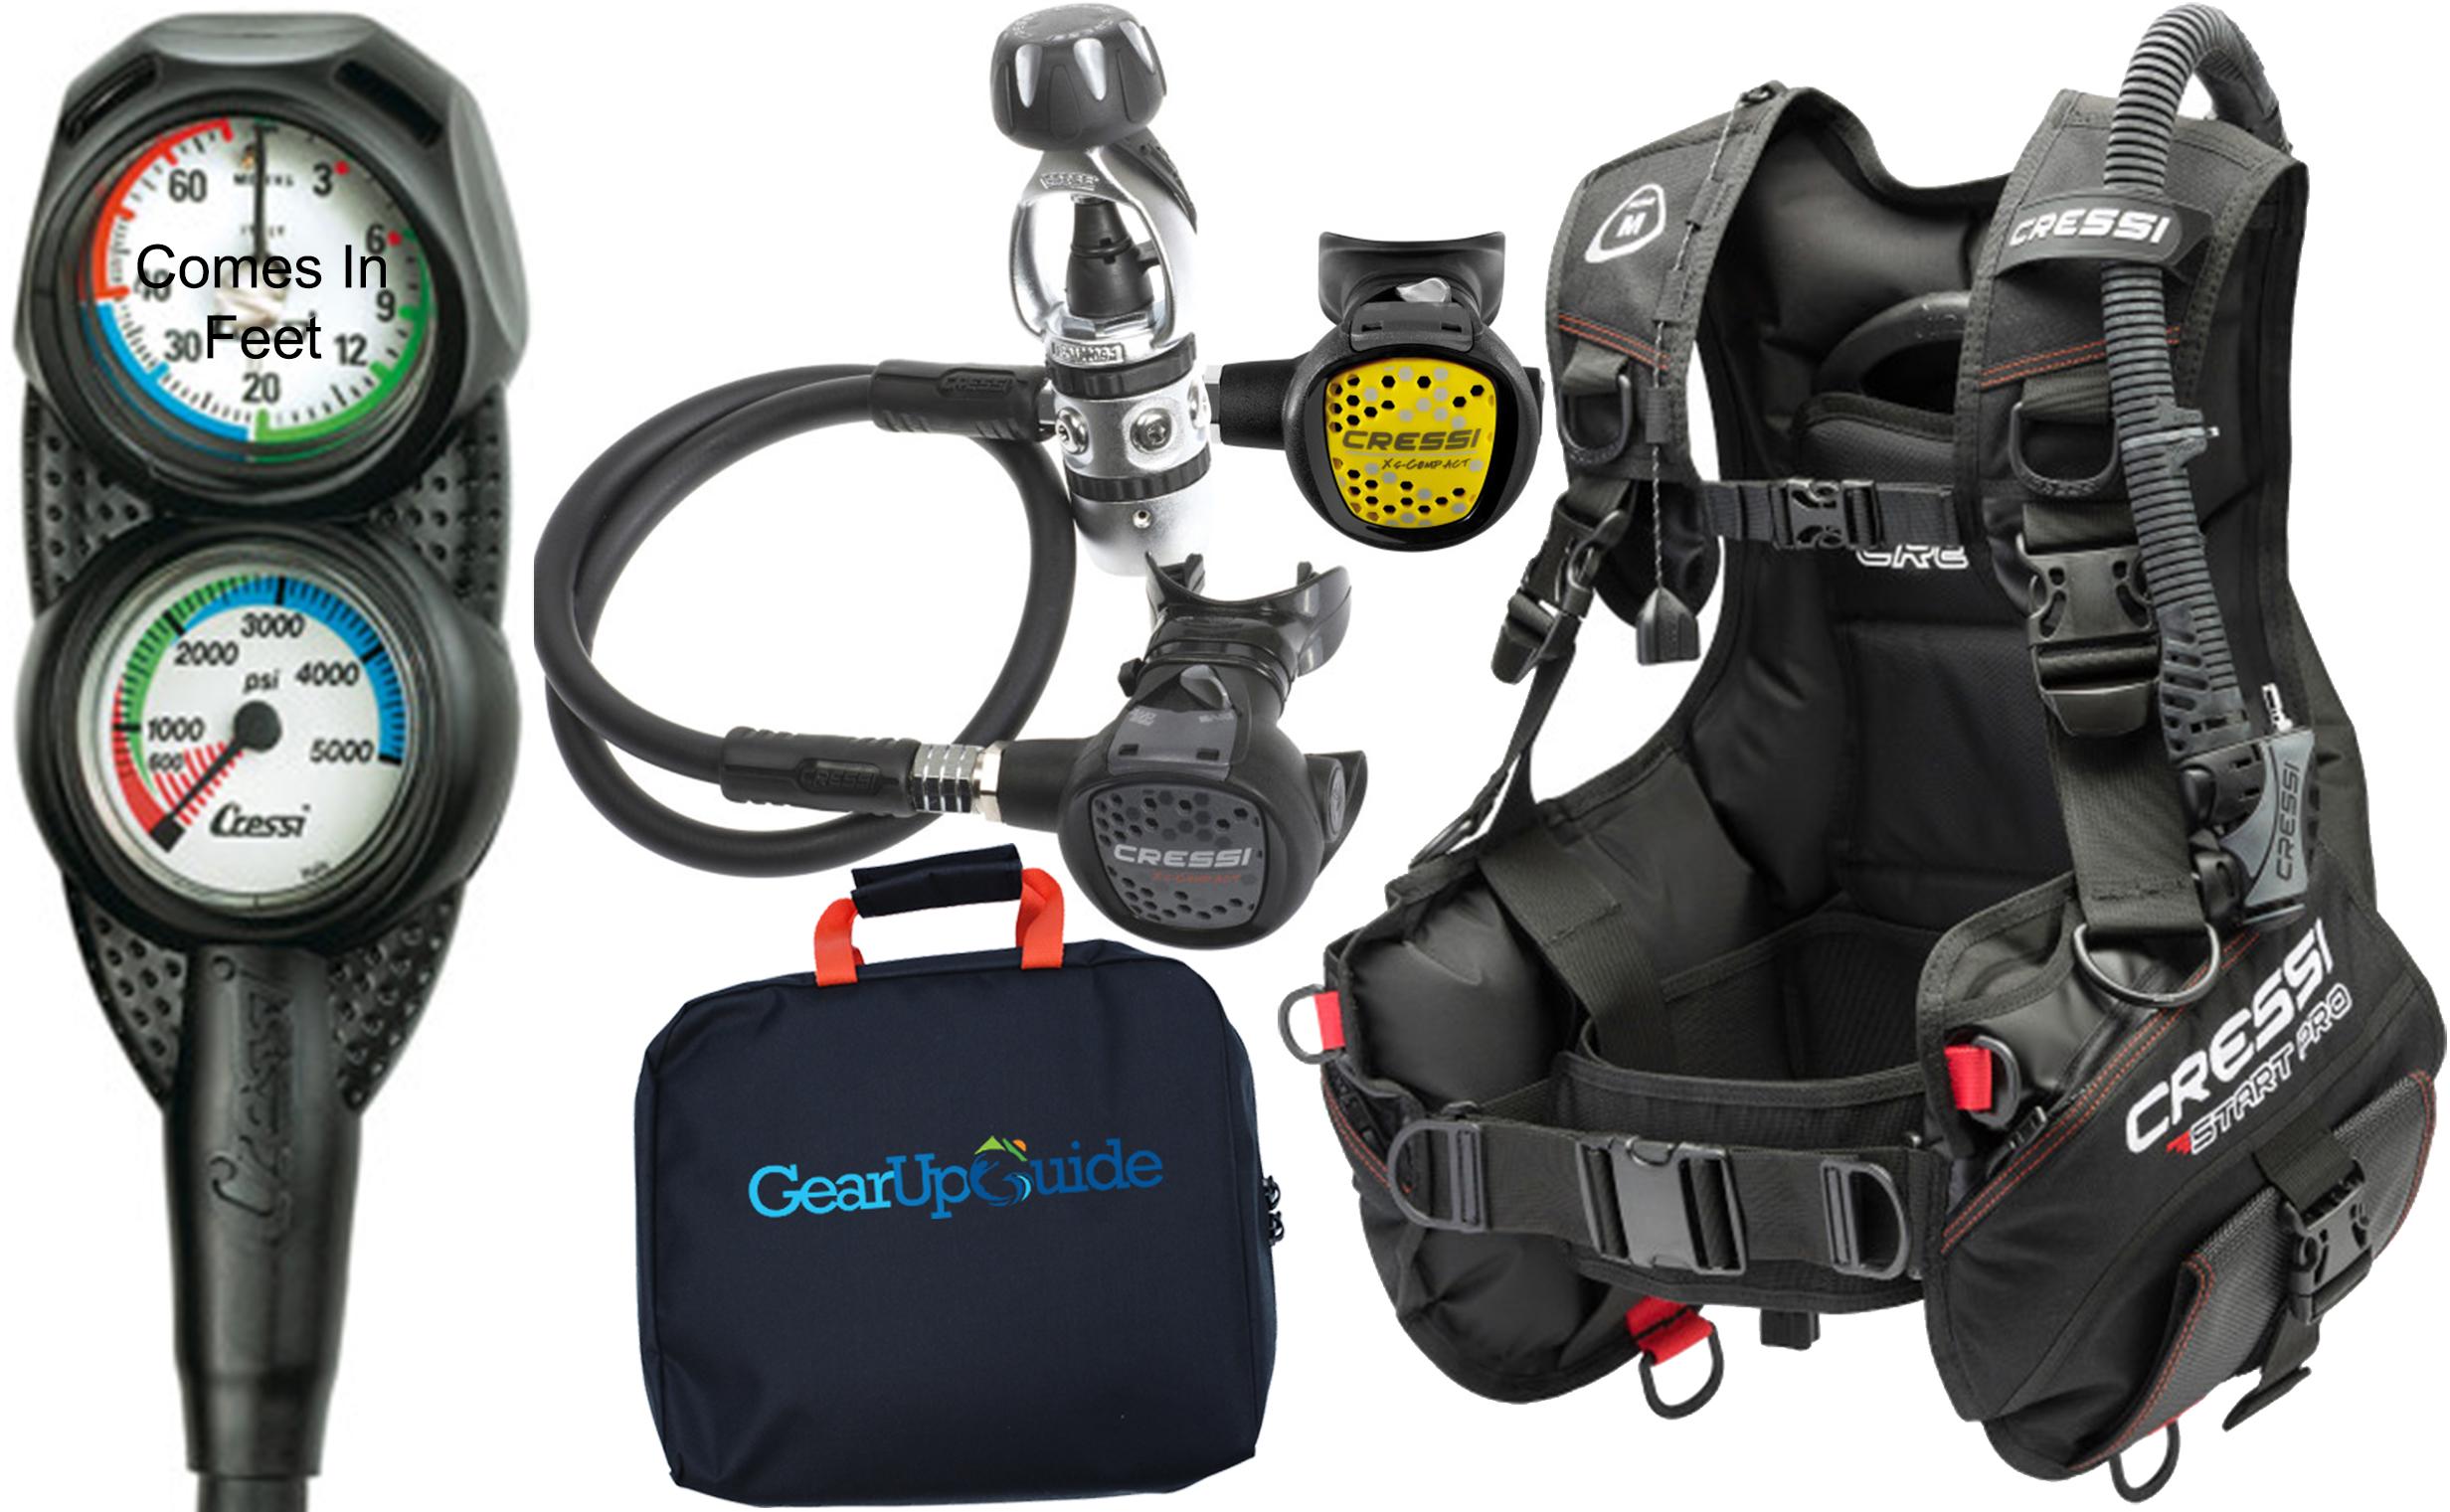 Cressi Start Pro 2 0 Scuba Diving Gear Package Assembled